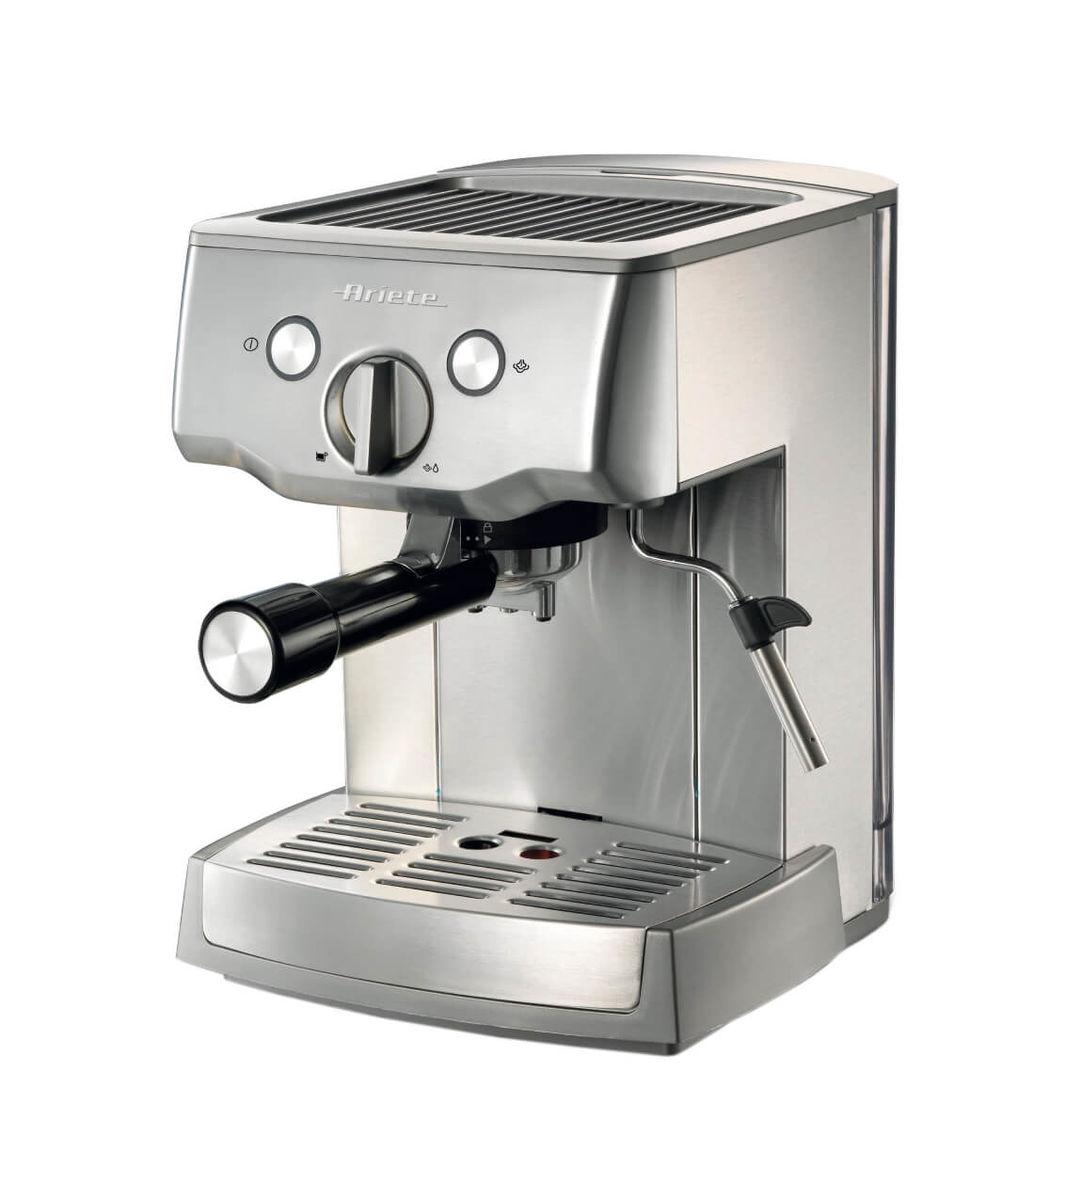 Image of Ariete 1324 Espresso Gastroback Siebträgermaschine